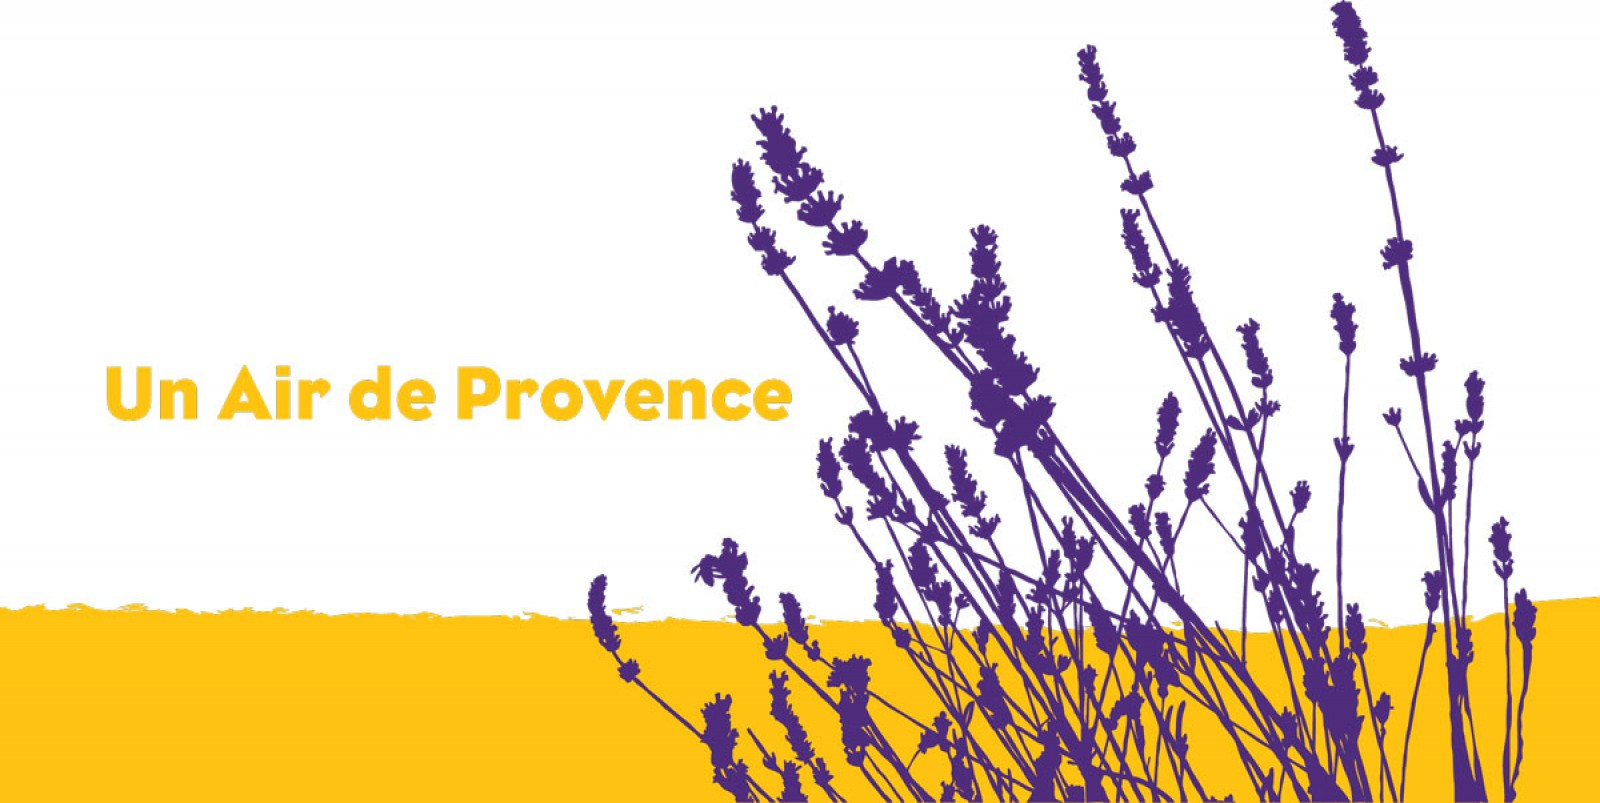 2020 Virtual Gala · Un Air de Provence